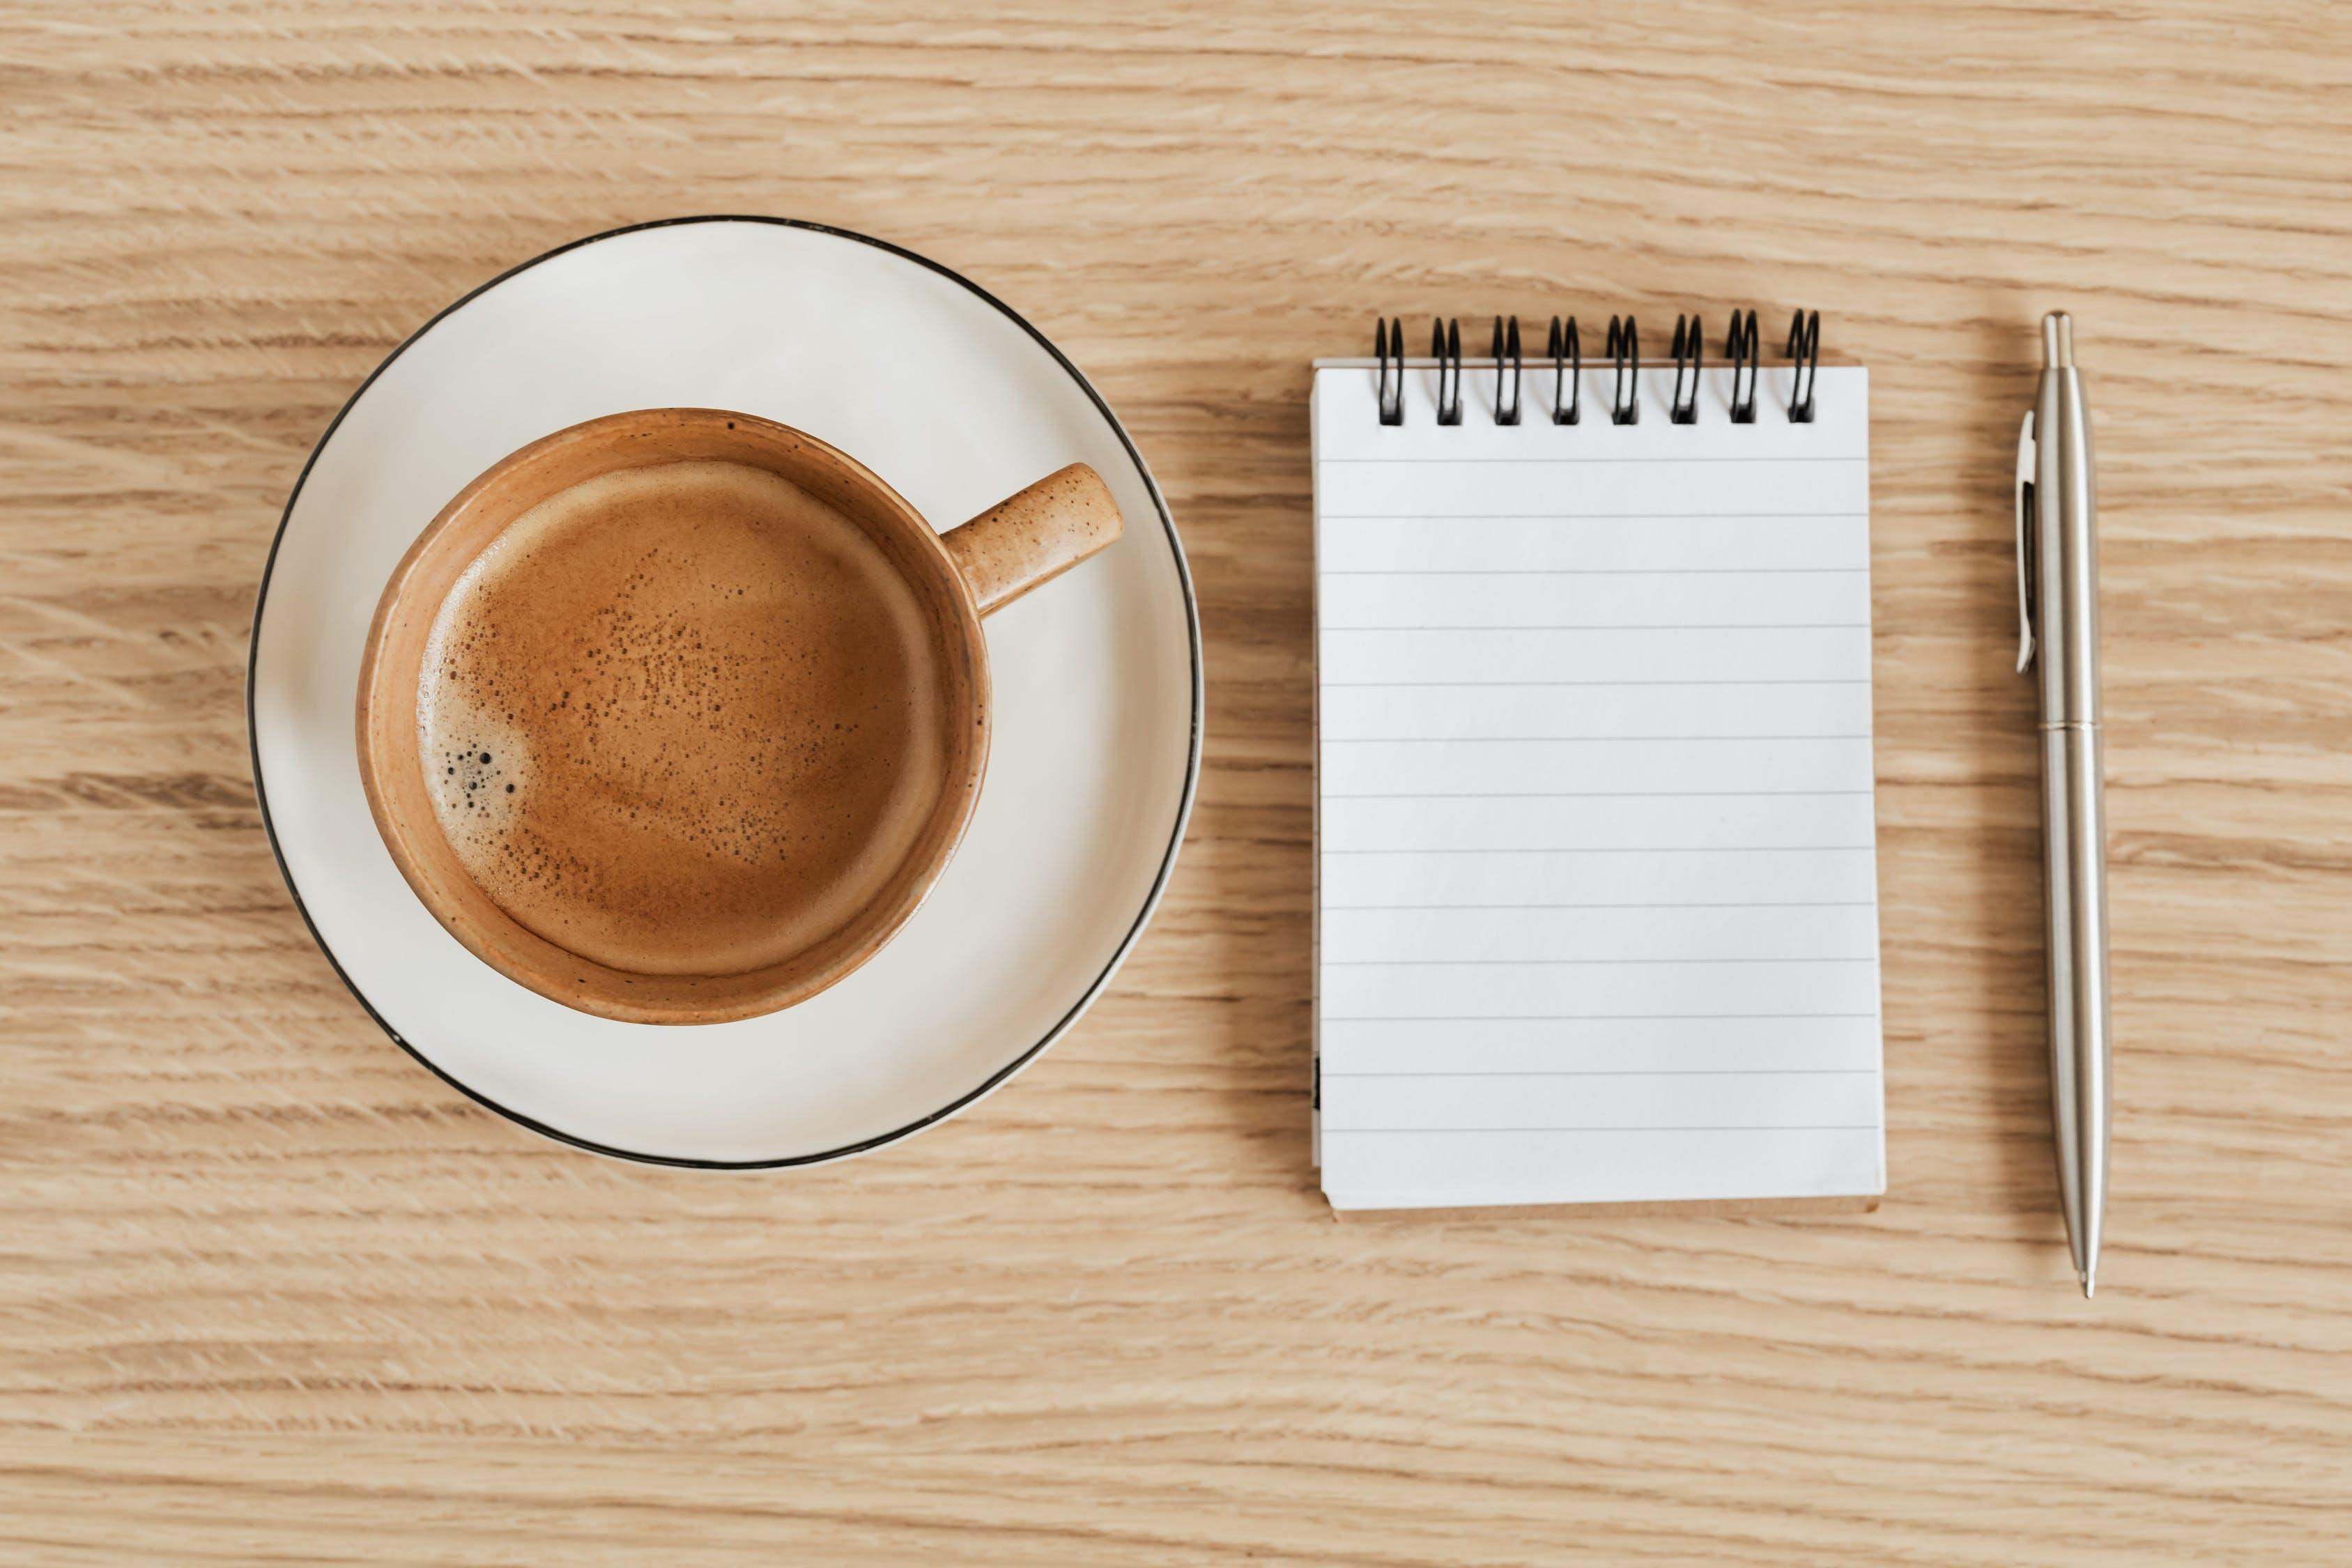 кофе и блокнот